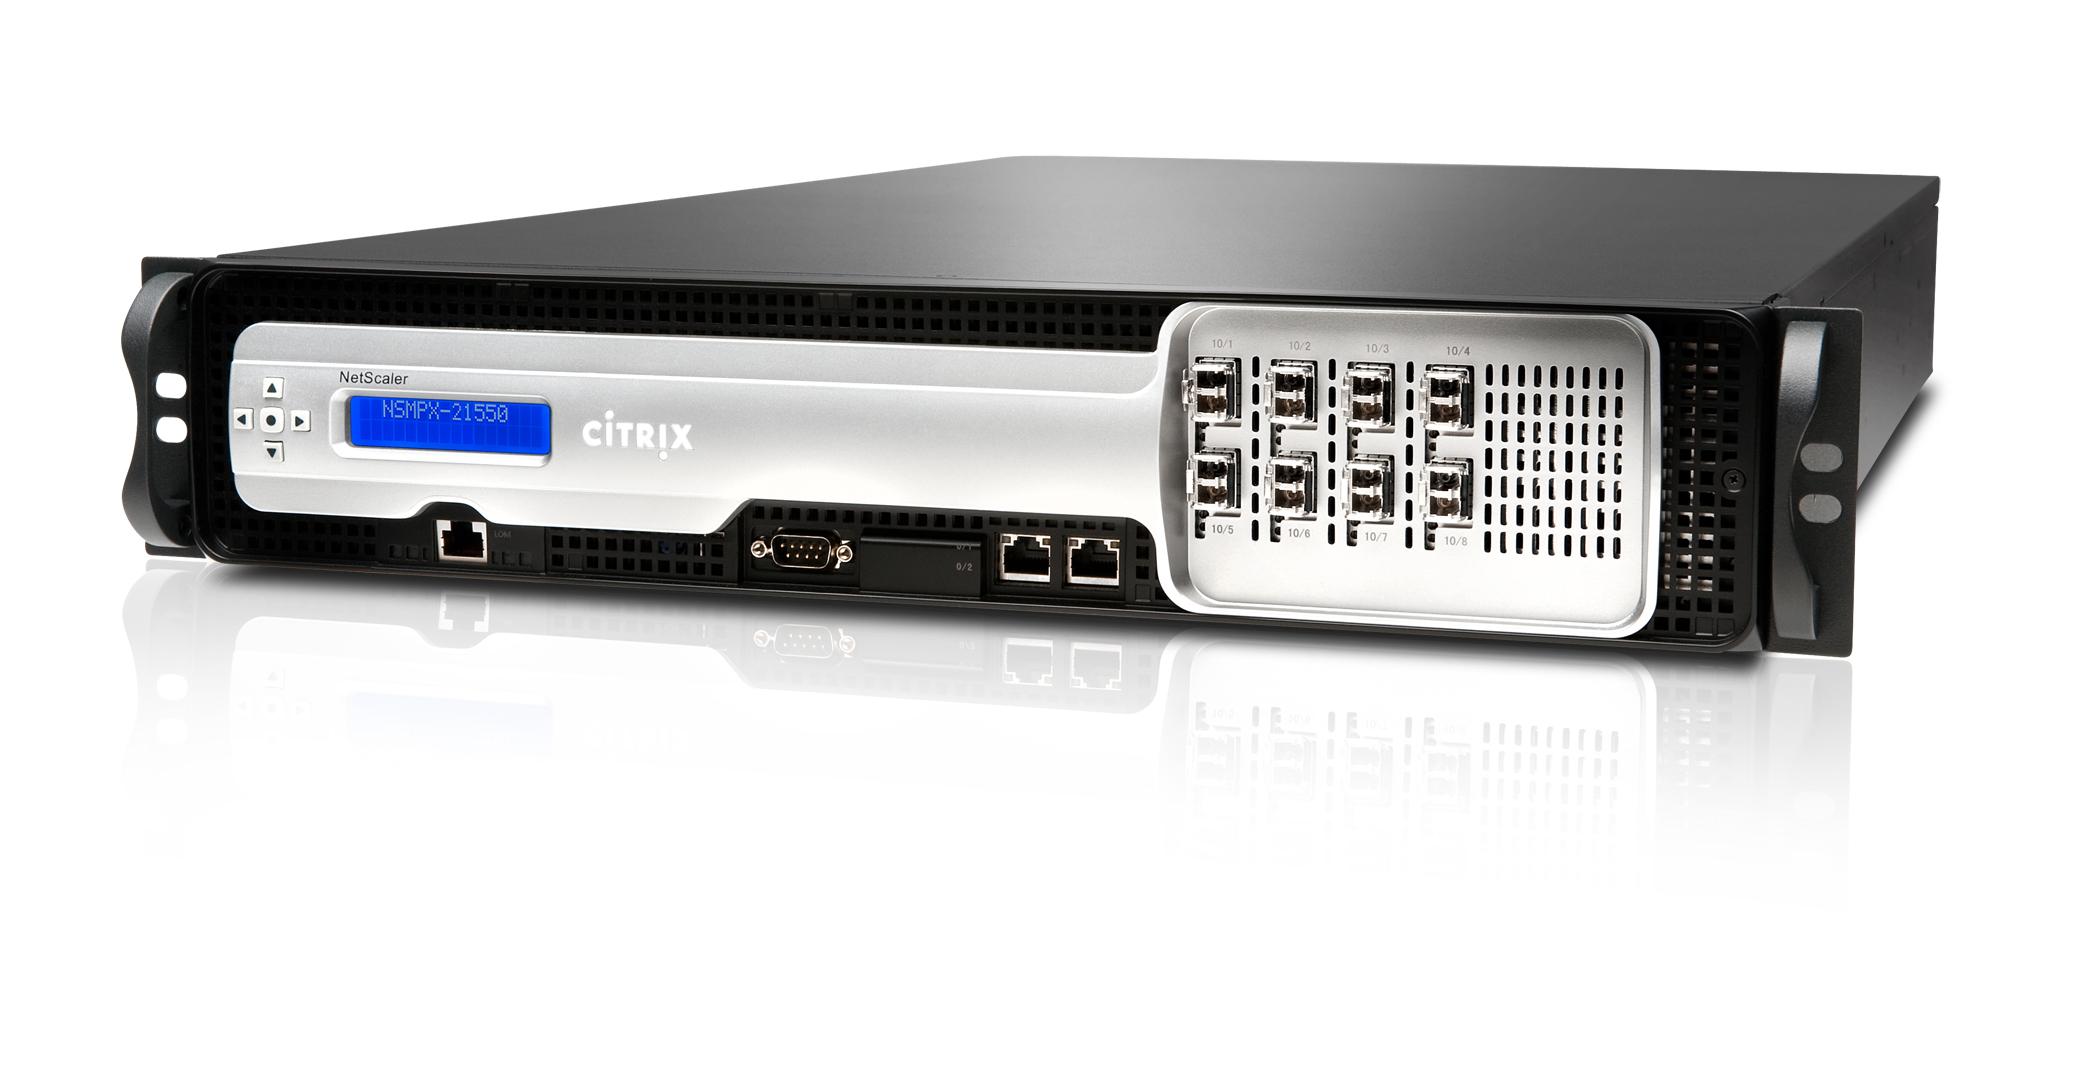 MPX/SDX-17550